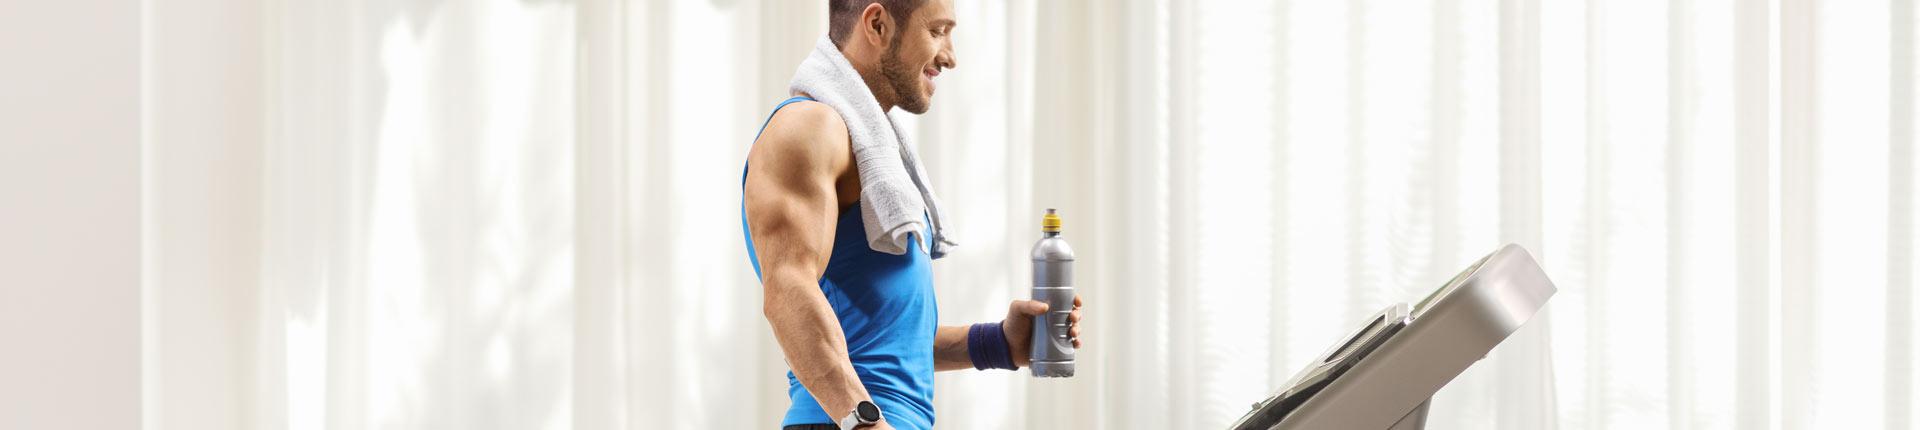 Jaki napój dla sportowca? Wybierz ISOTONIC ALLNUTRITION!